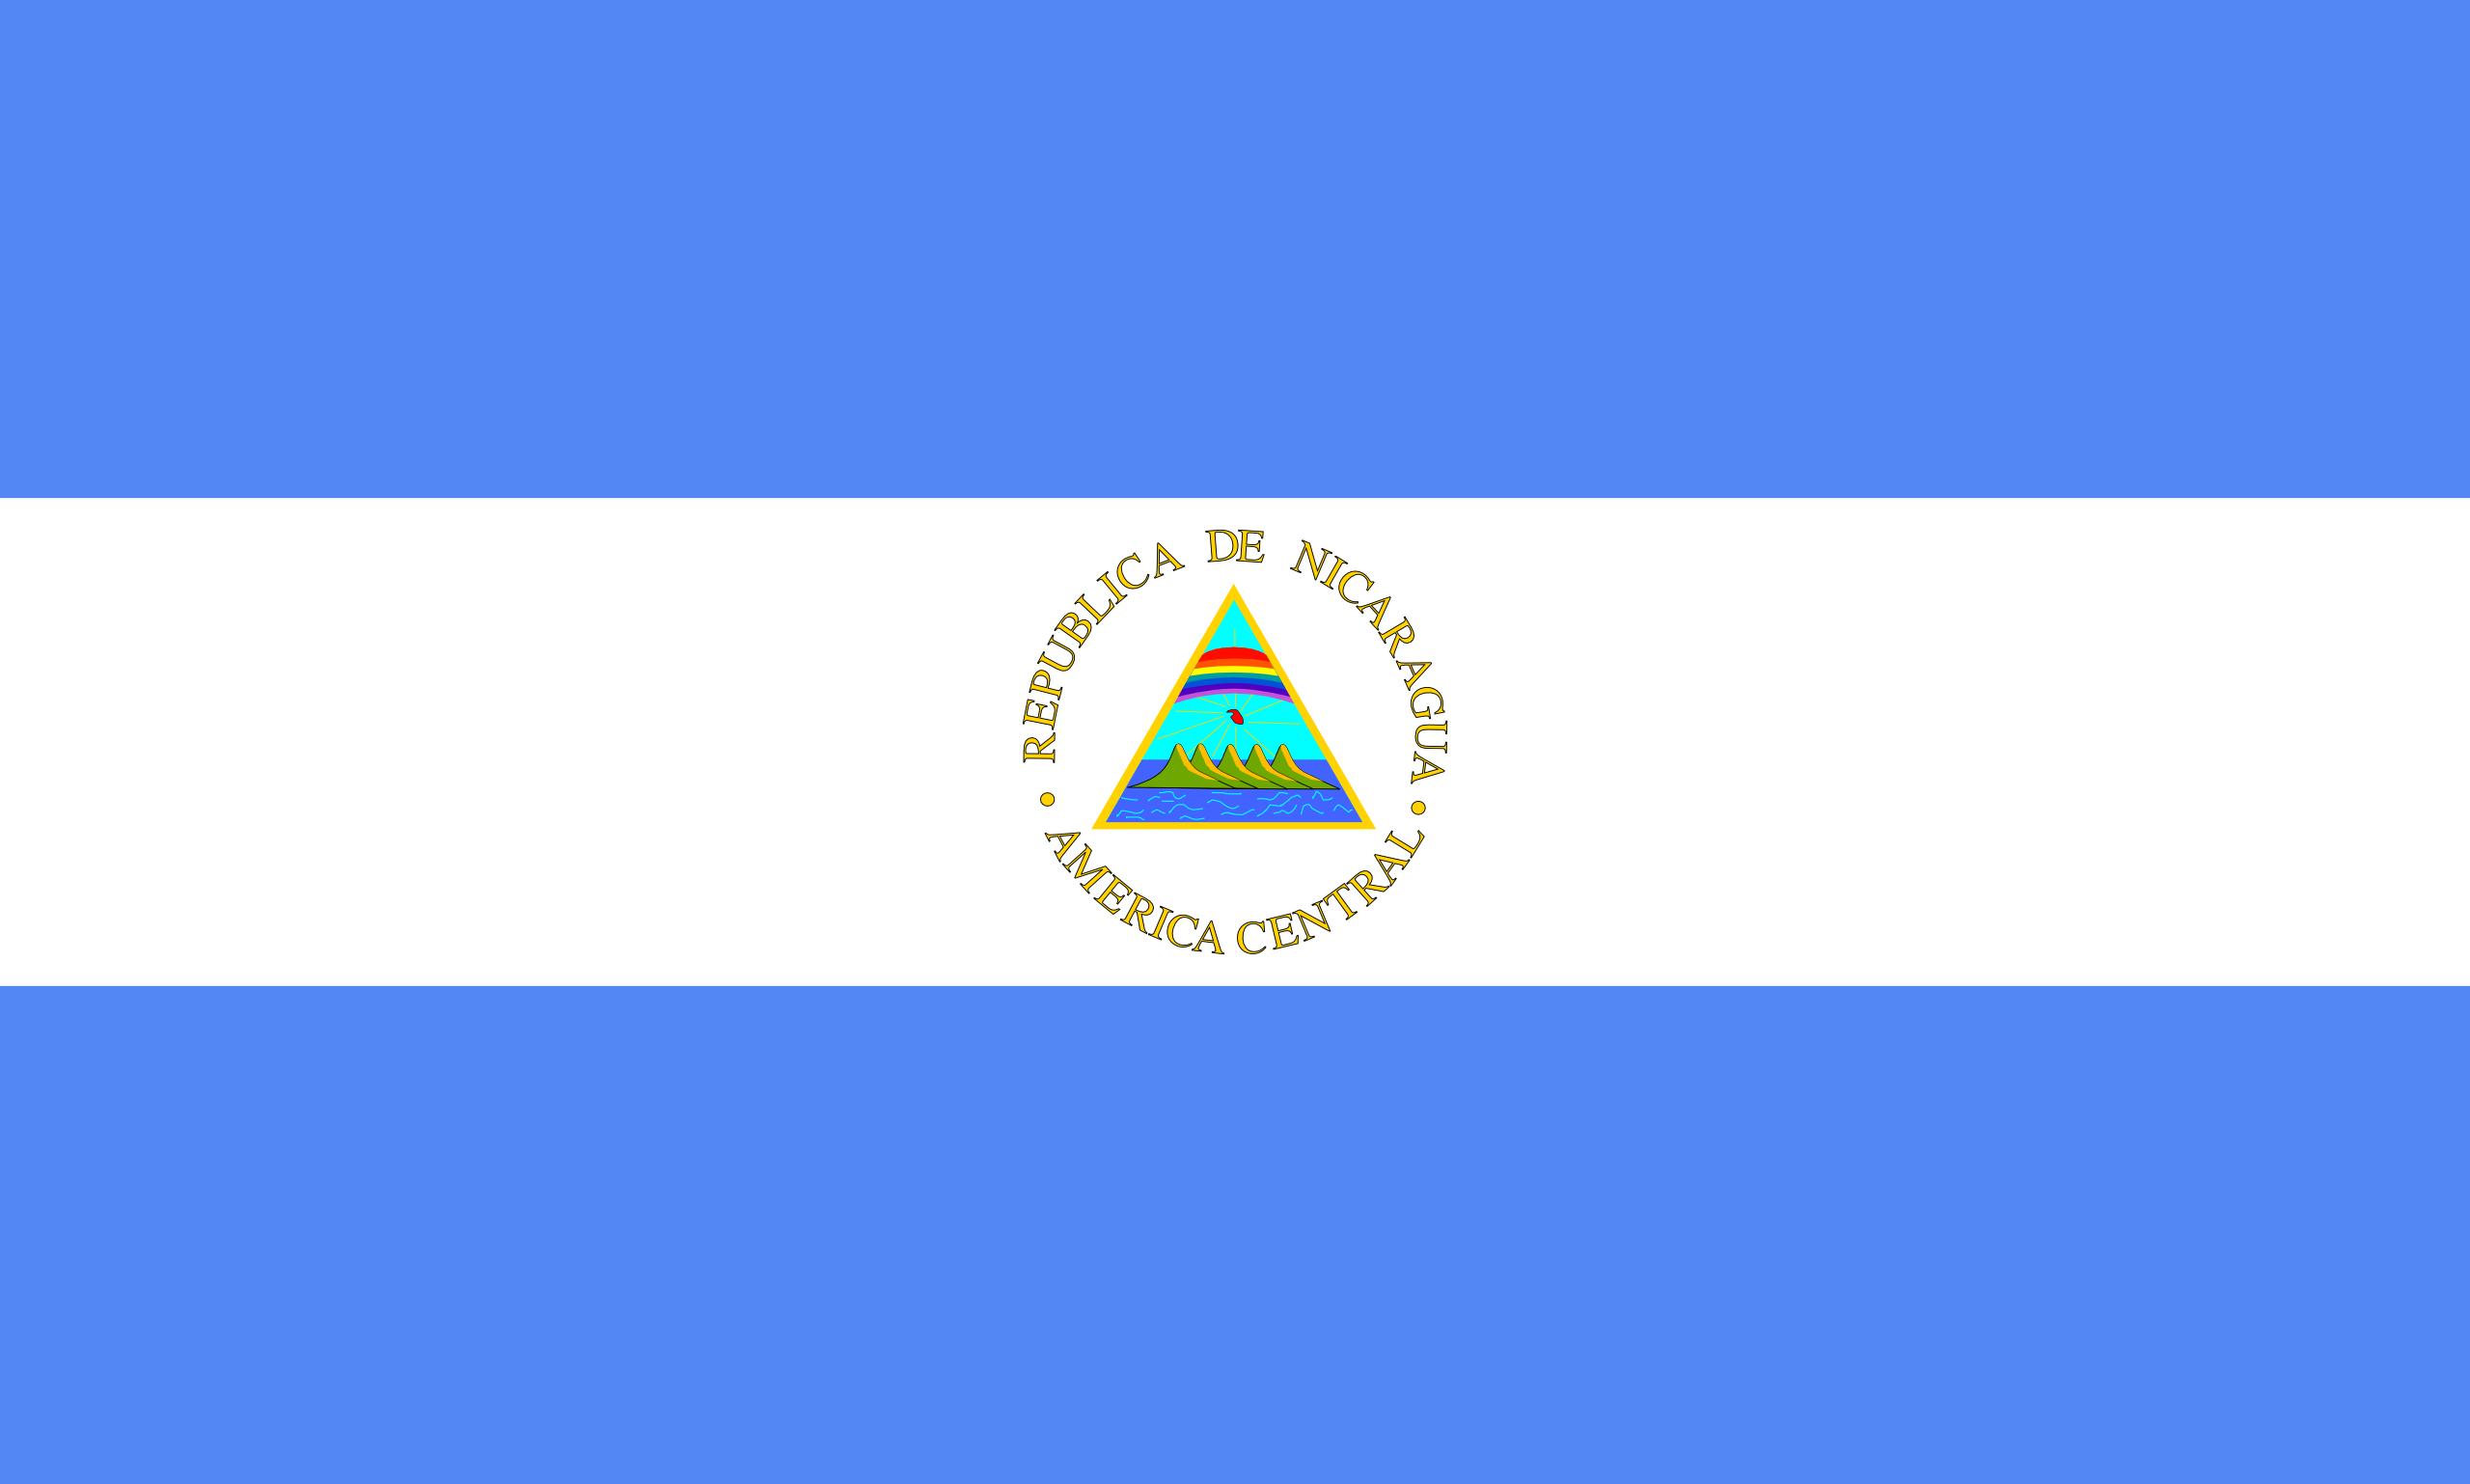 nicaragua, pays, emblème, logo, symbole - Fonds d'écran HD - Professor-falken.com